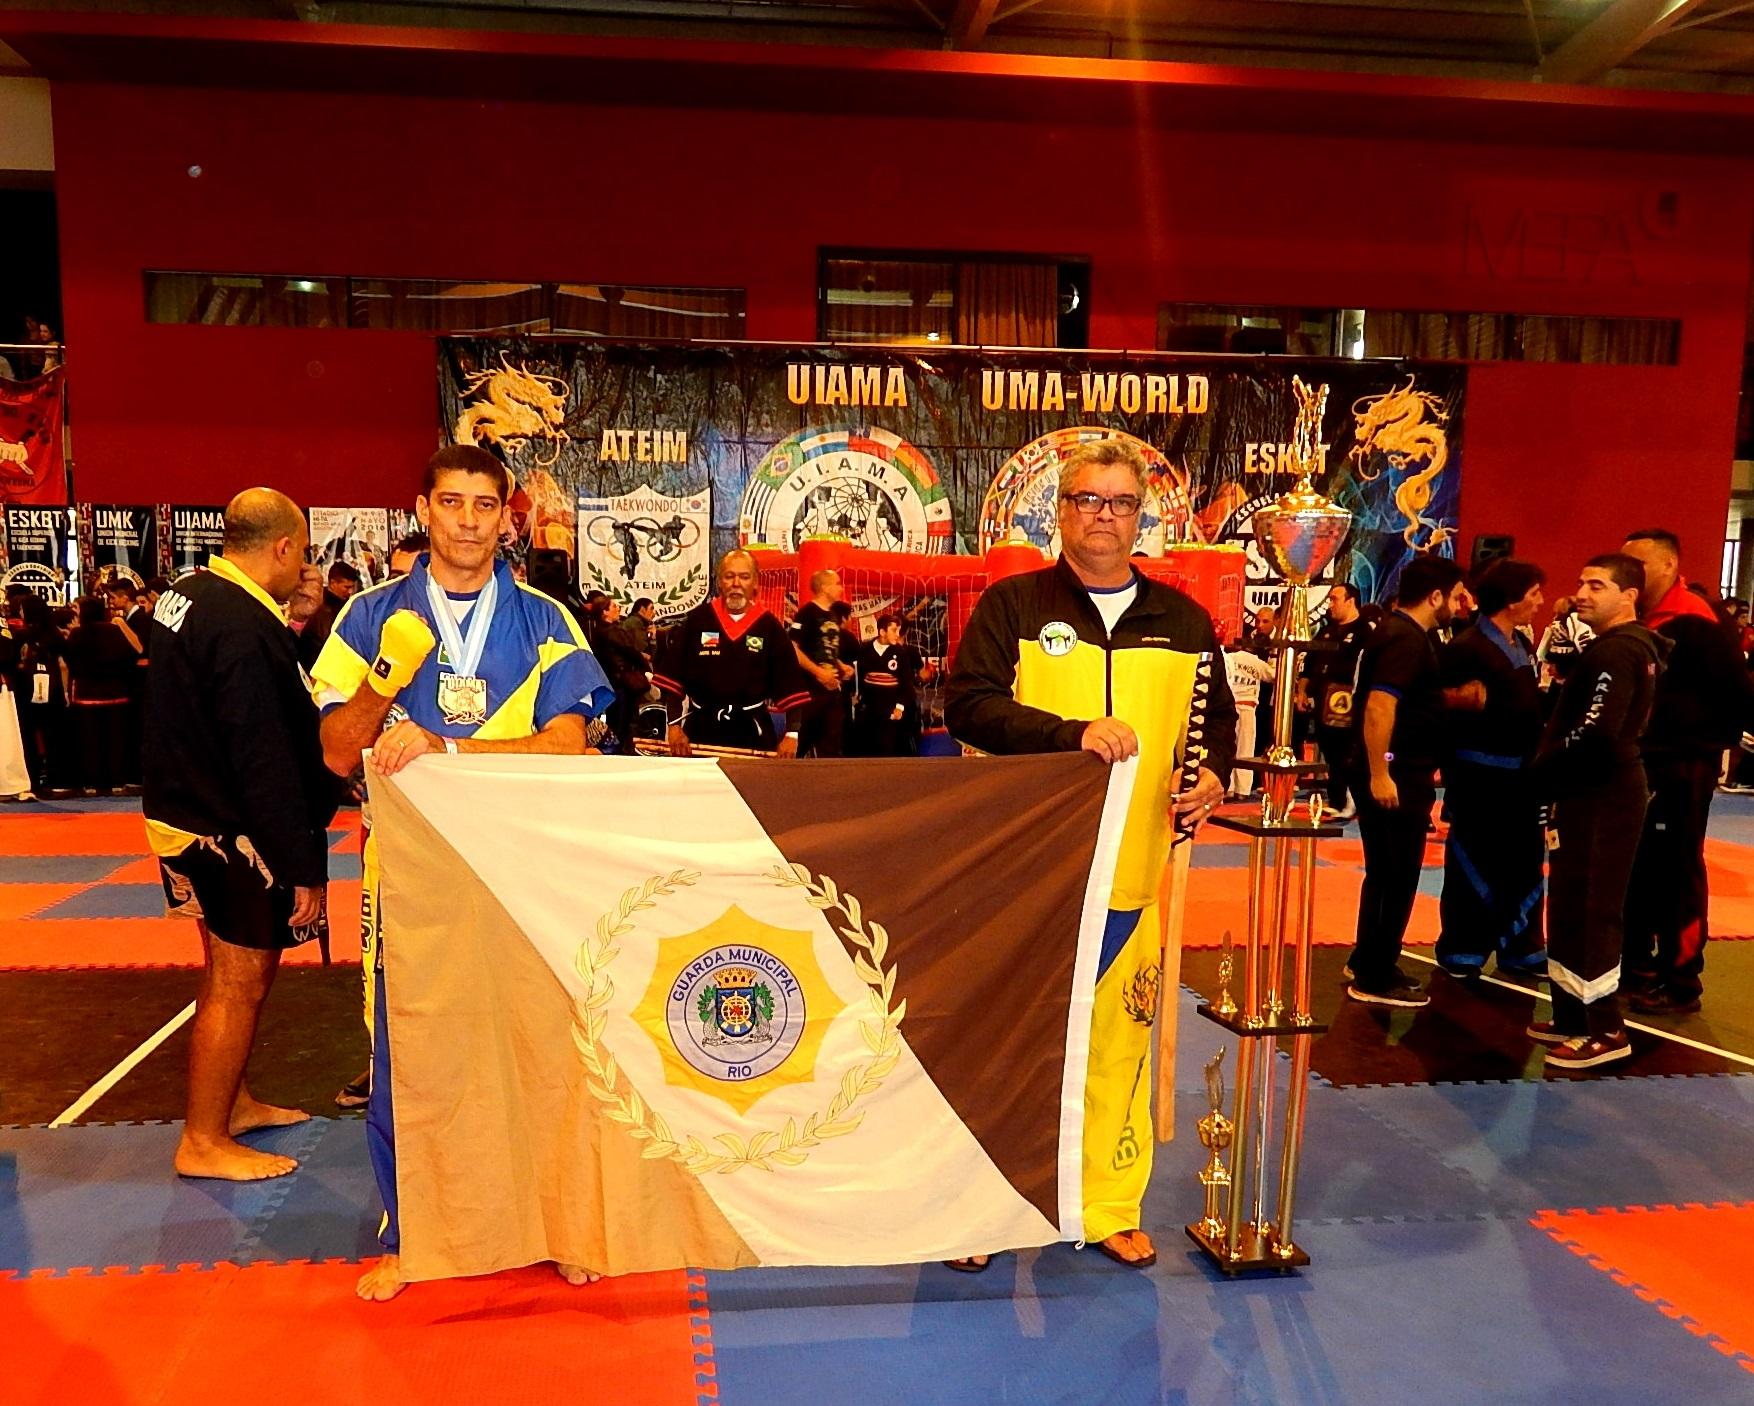 Guardas se destacam em campeonato mundial  de artes marciais disputado na Argentina